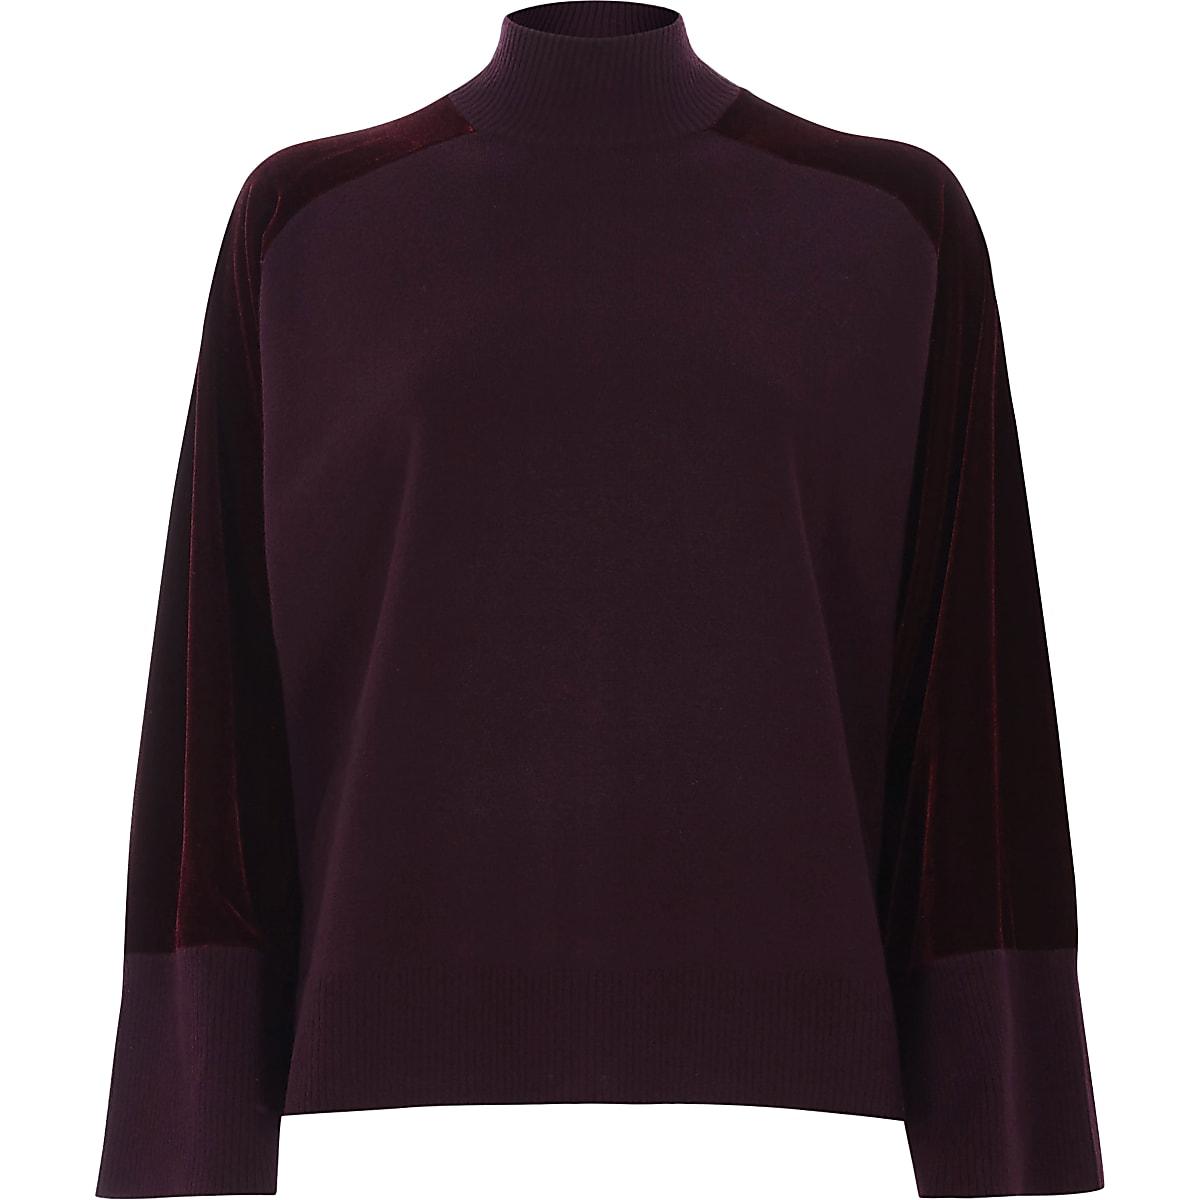 Burgundy velvet sleeve high neck knit jumper